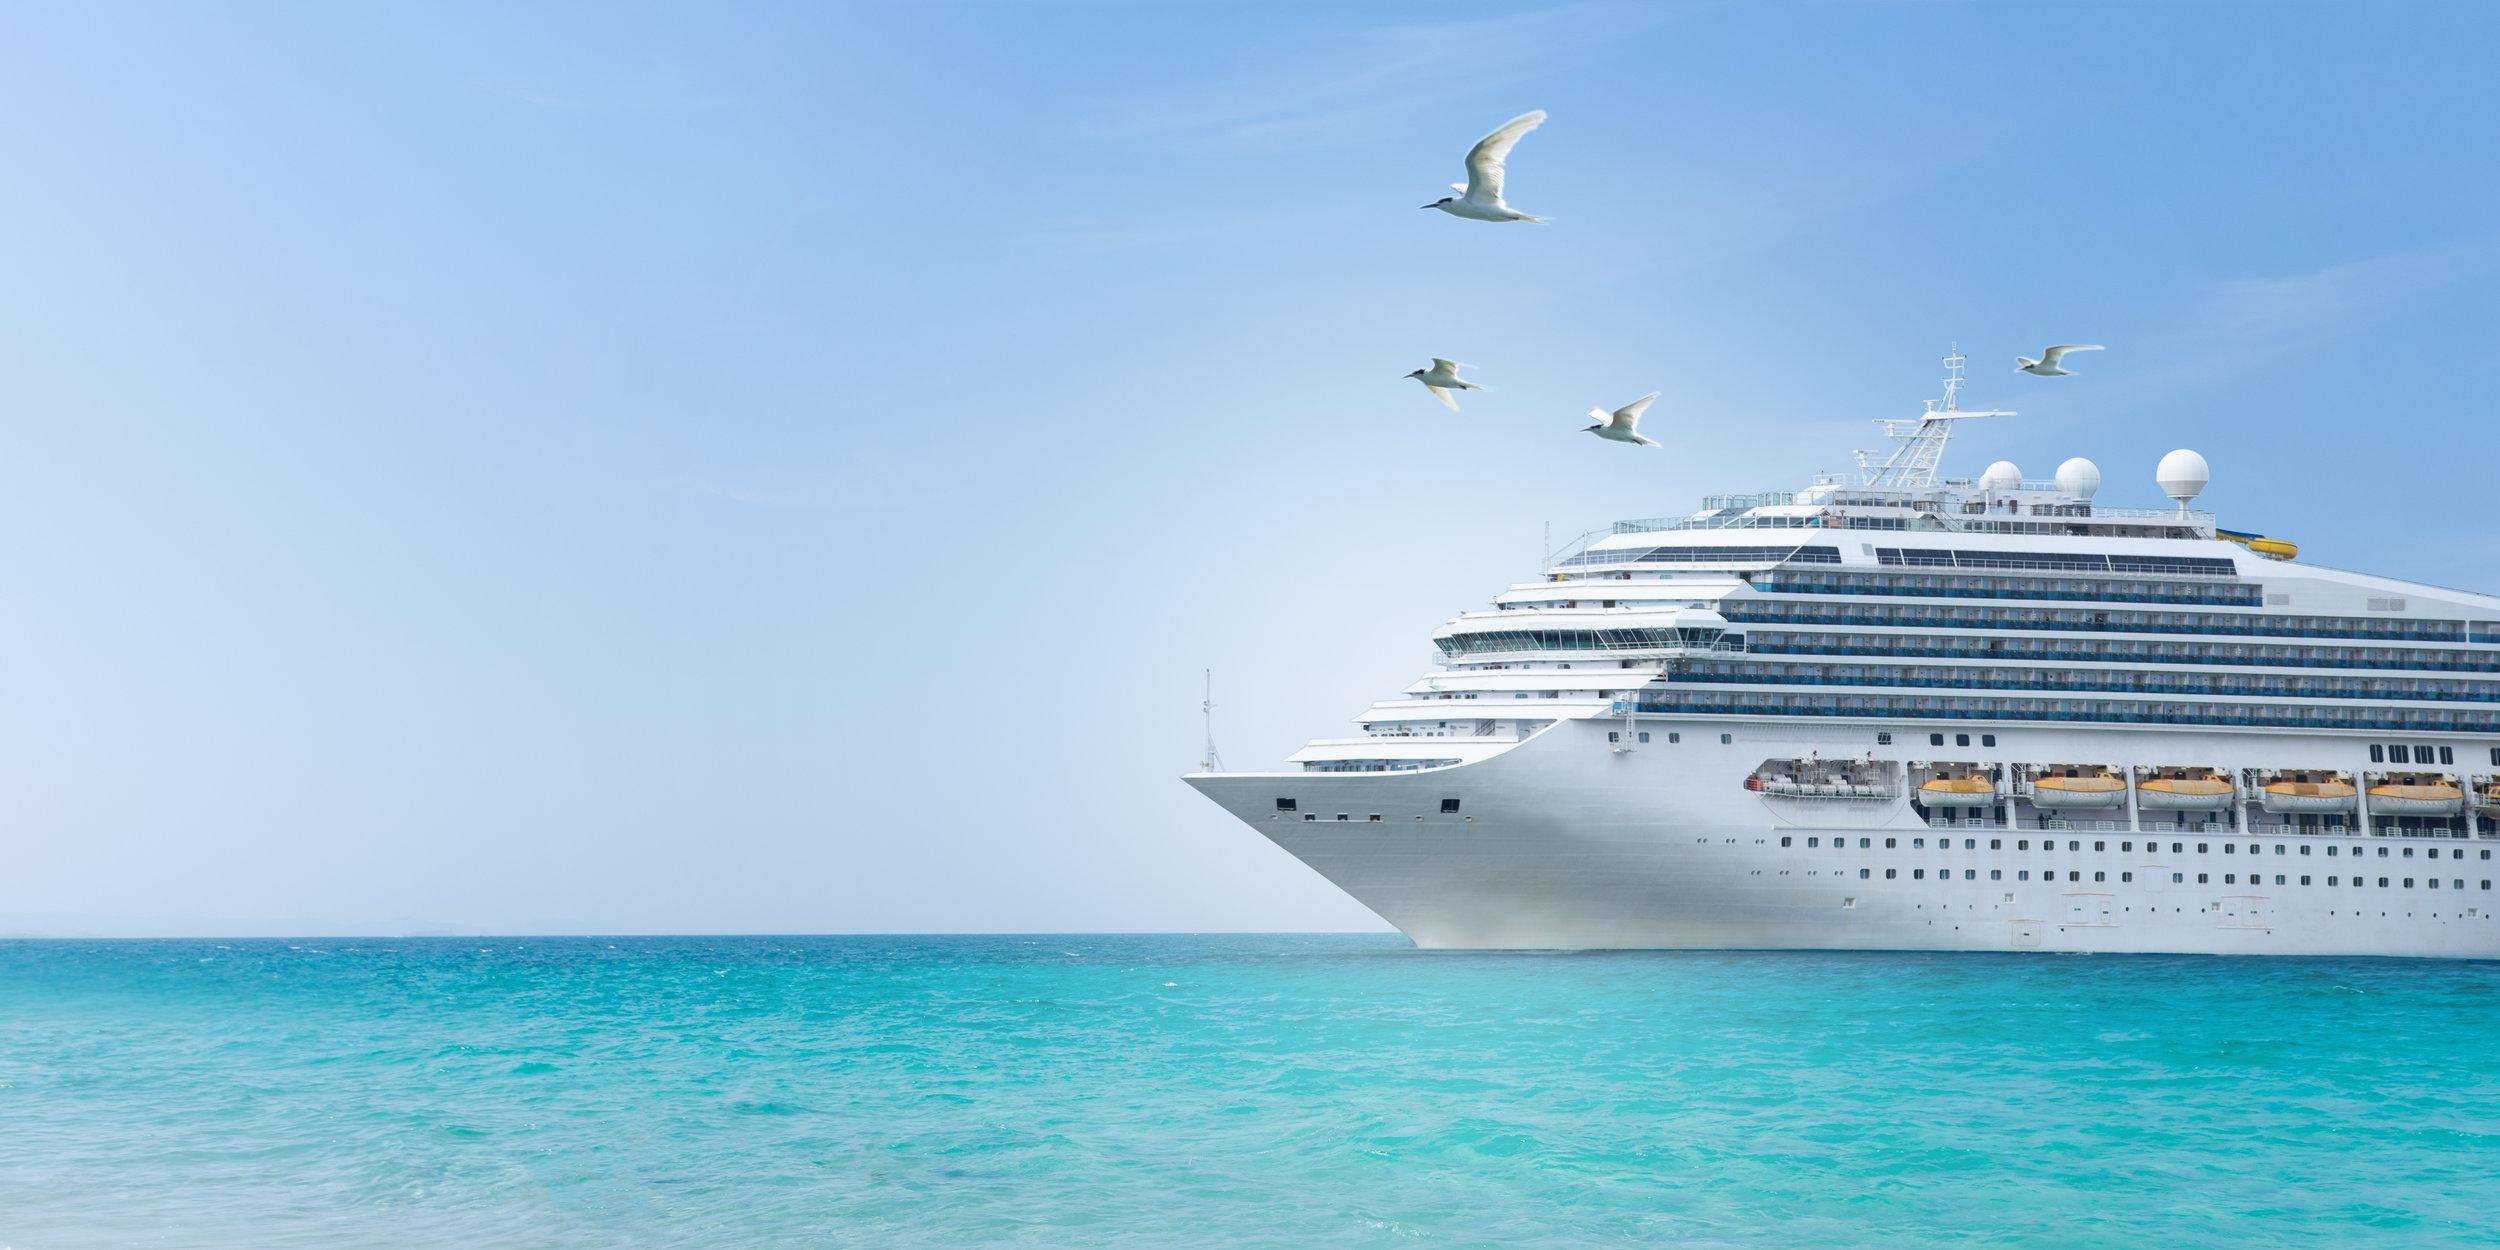 cruise_ship_birds.jpeg